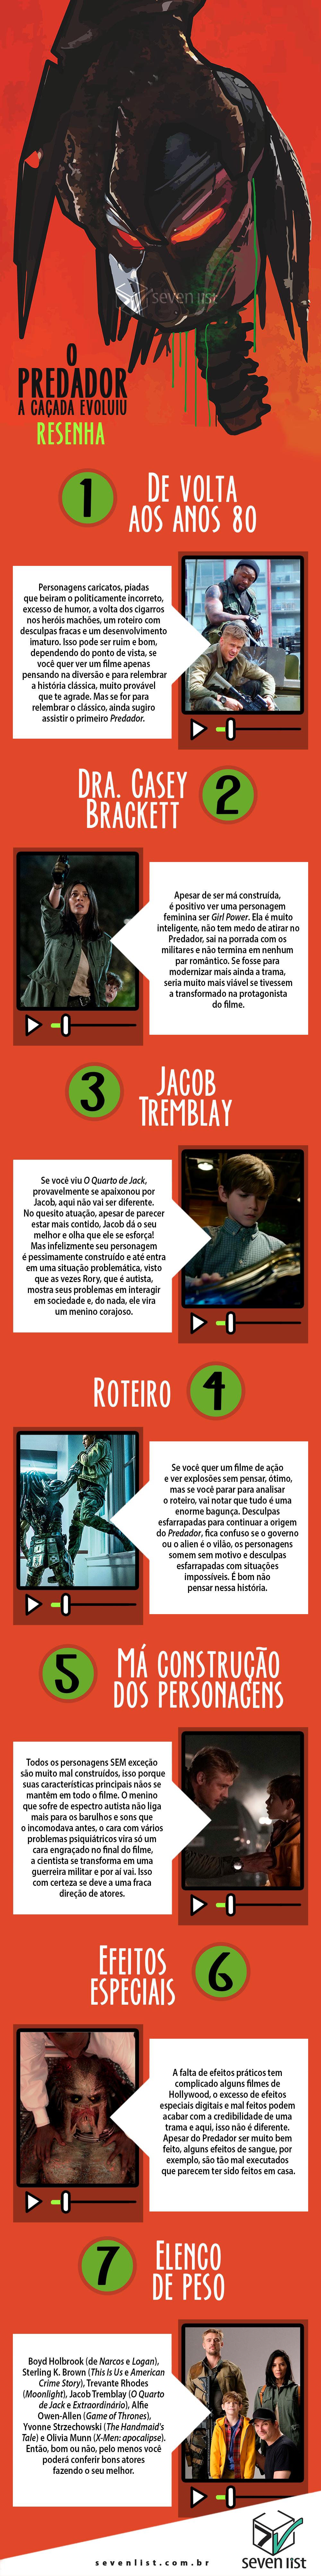 O PREDADOR - RESENHA - SEVEN LIST